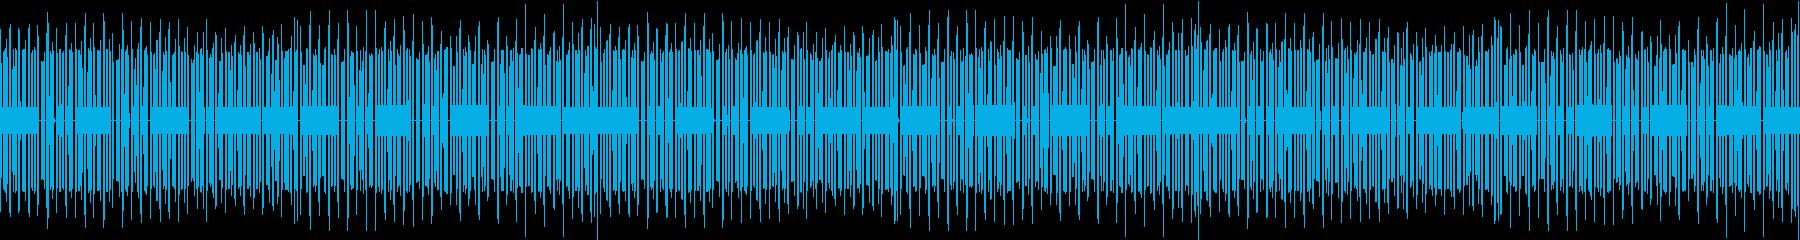 ファミコン風アクションRPGボスのテーマの再生済みの波形